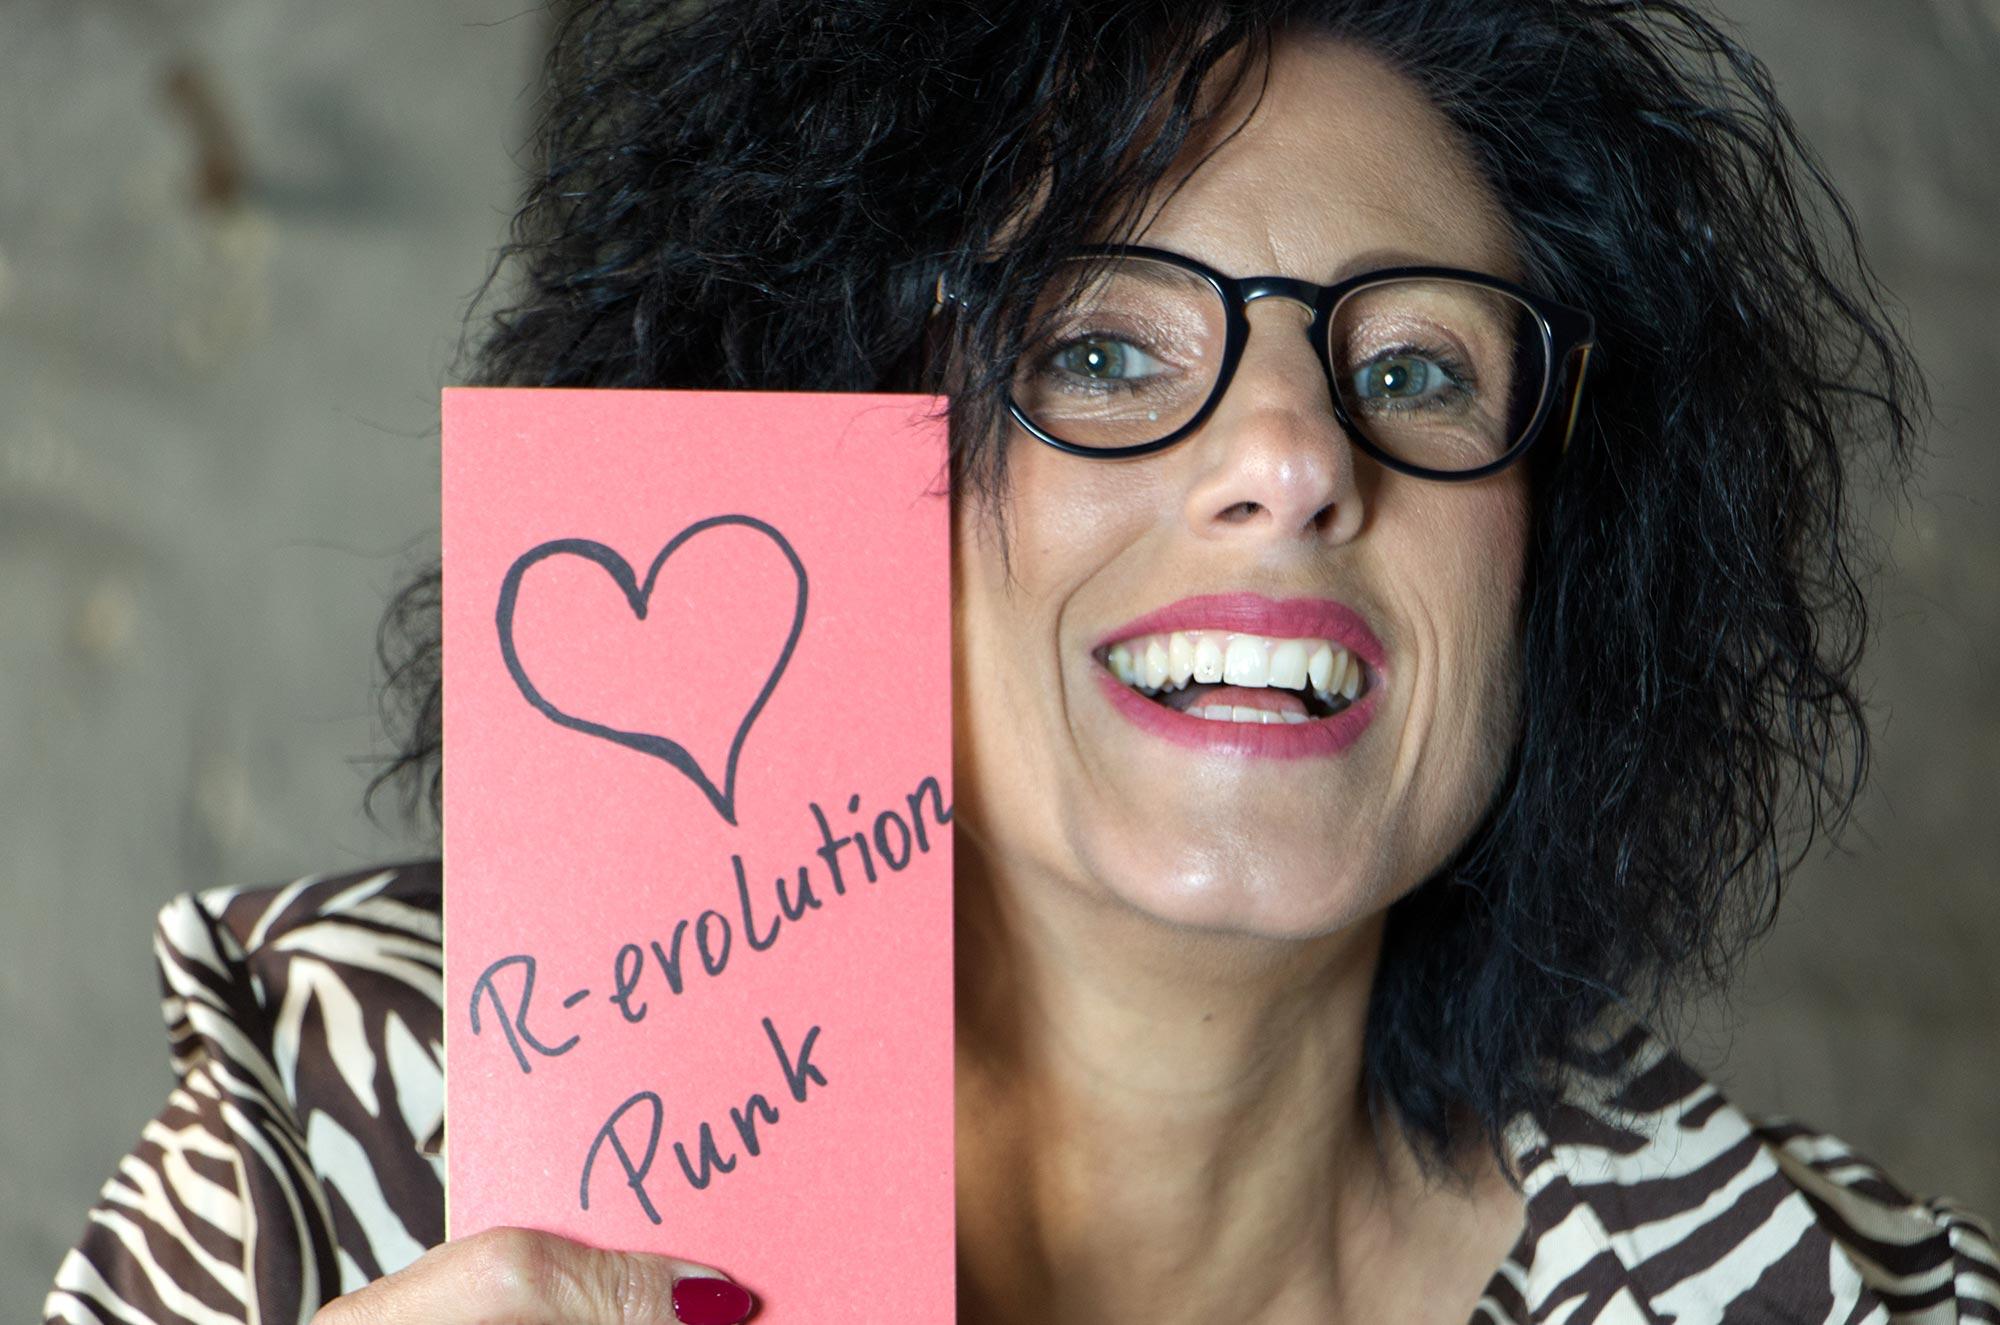 Mein Angebot: Die Magie des Heart R-evolution Punk